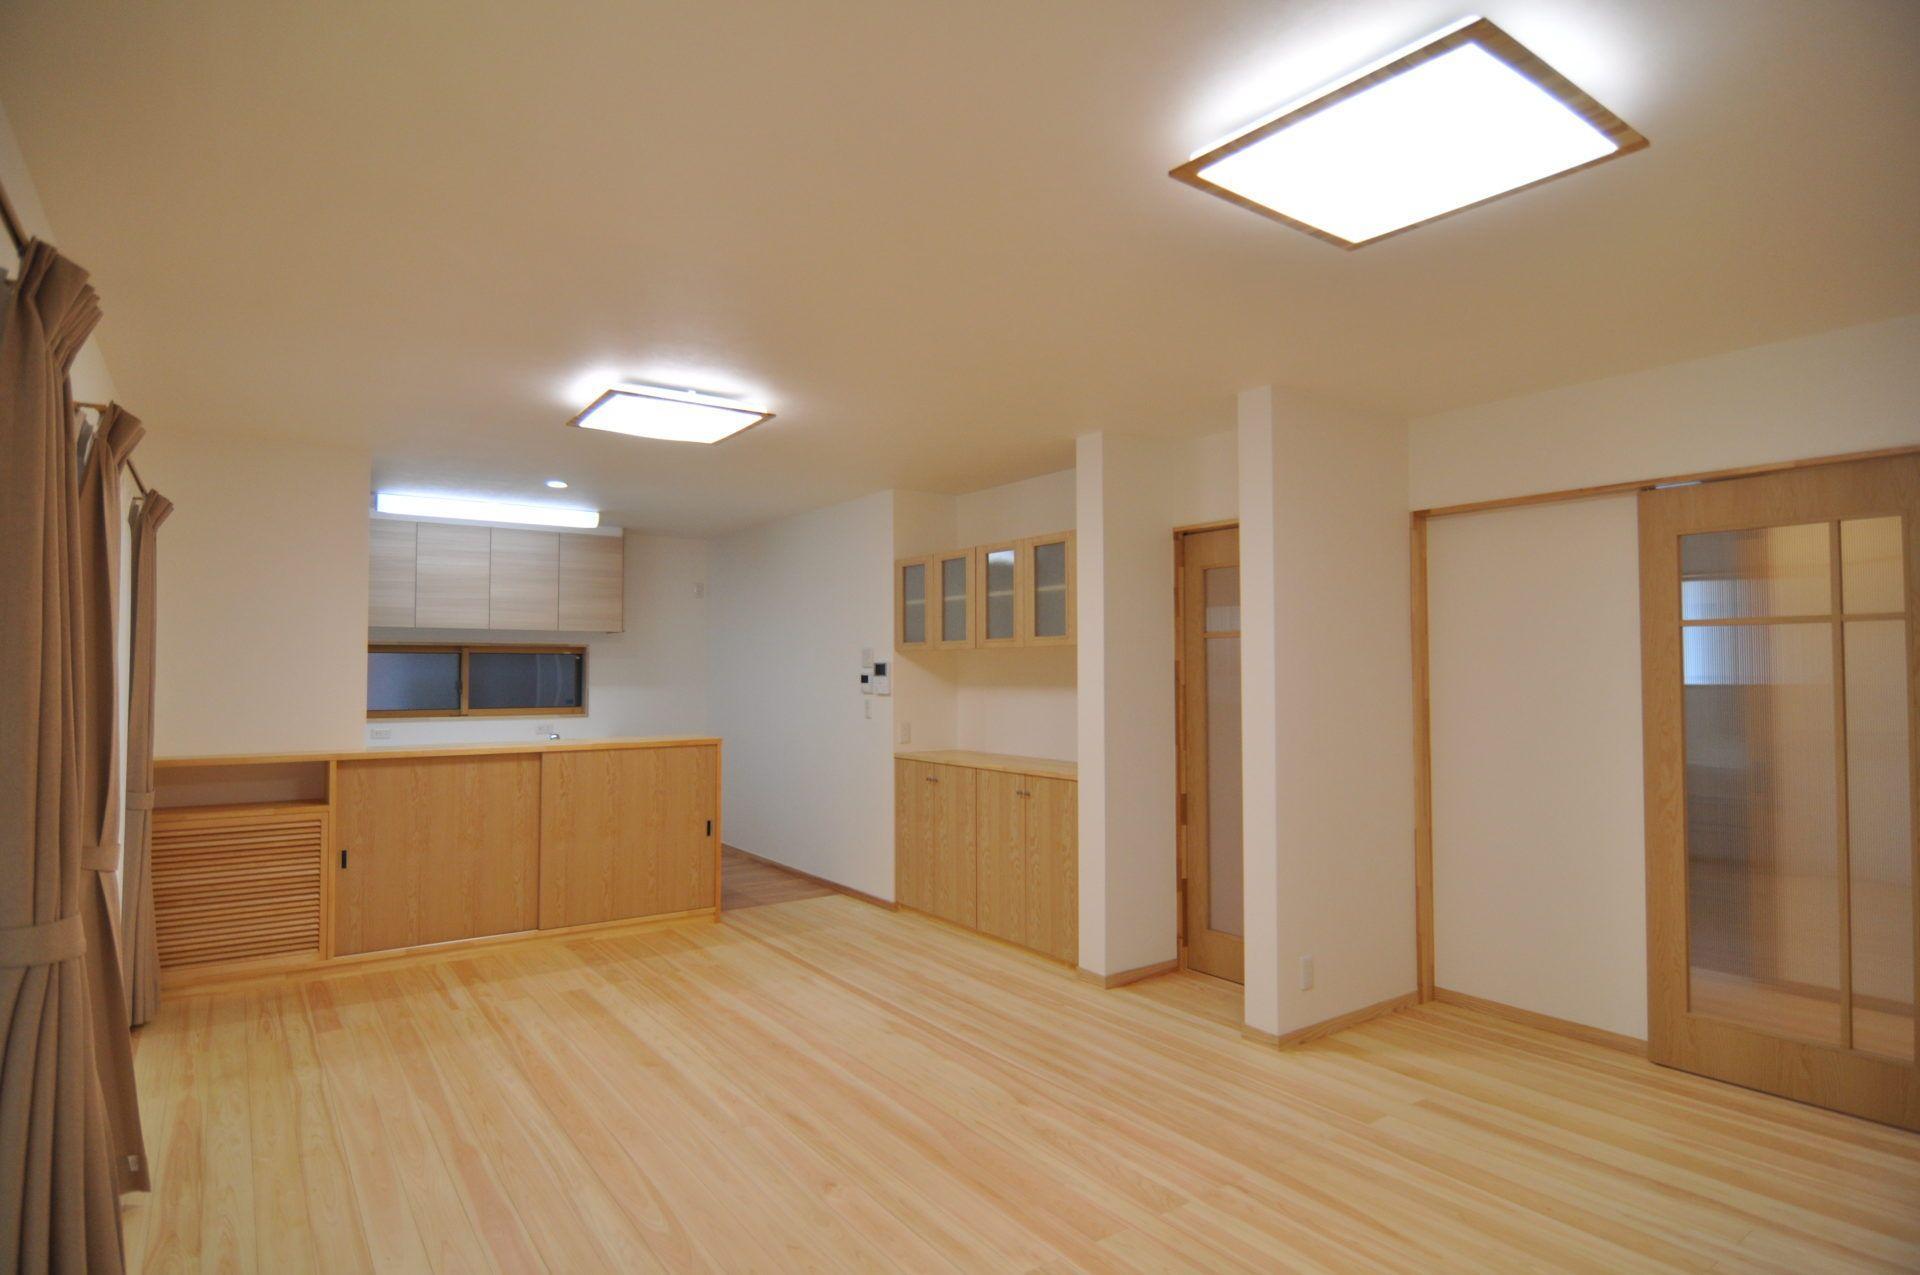 有限会社 市川建築店 1級建築士事務所「三条市 T様邸」のシンプル・ナチュラルなリビング・ダイニングの実例写真